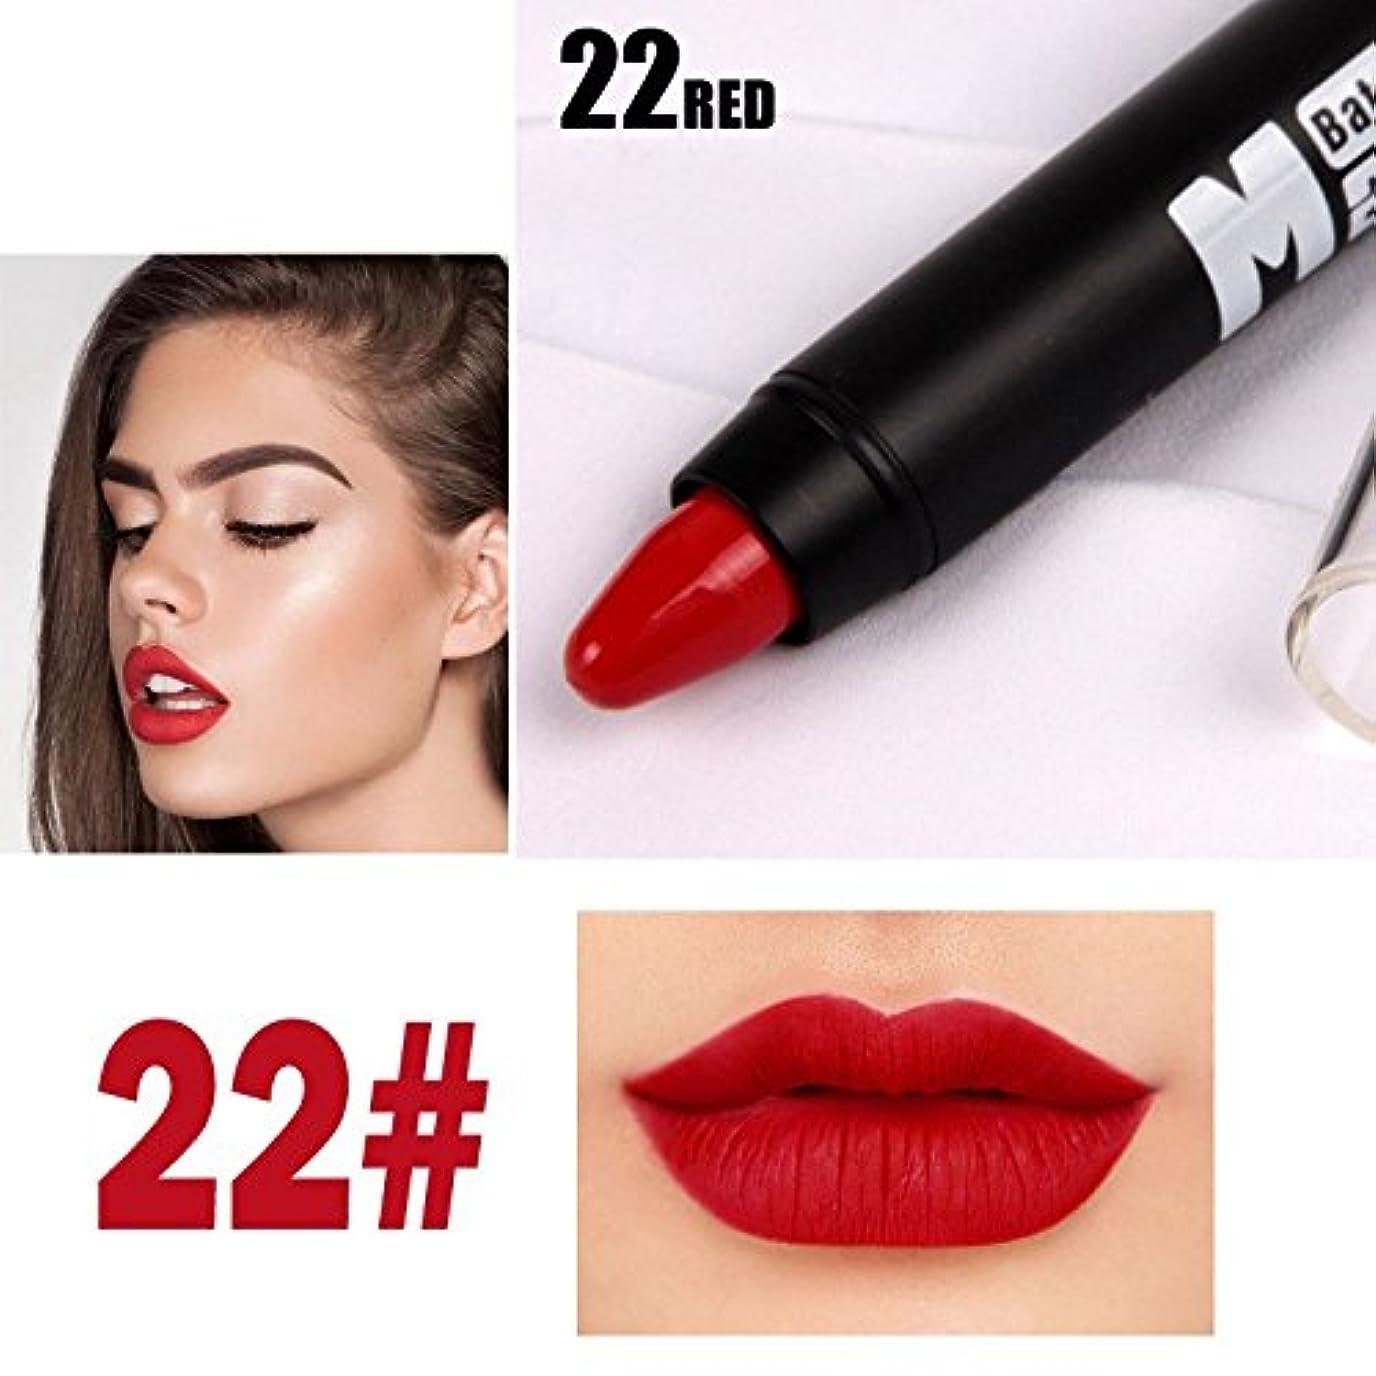 カートン工場テーブルMISS ROSE Professional Women Waterproof Lipstick Lips Cream Beauty Lote Batom Matte Lipstick Nude Pencils Makeup